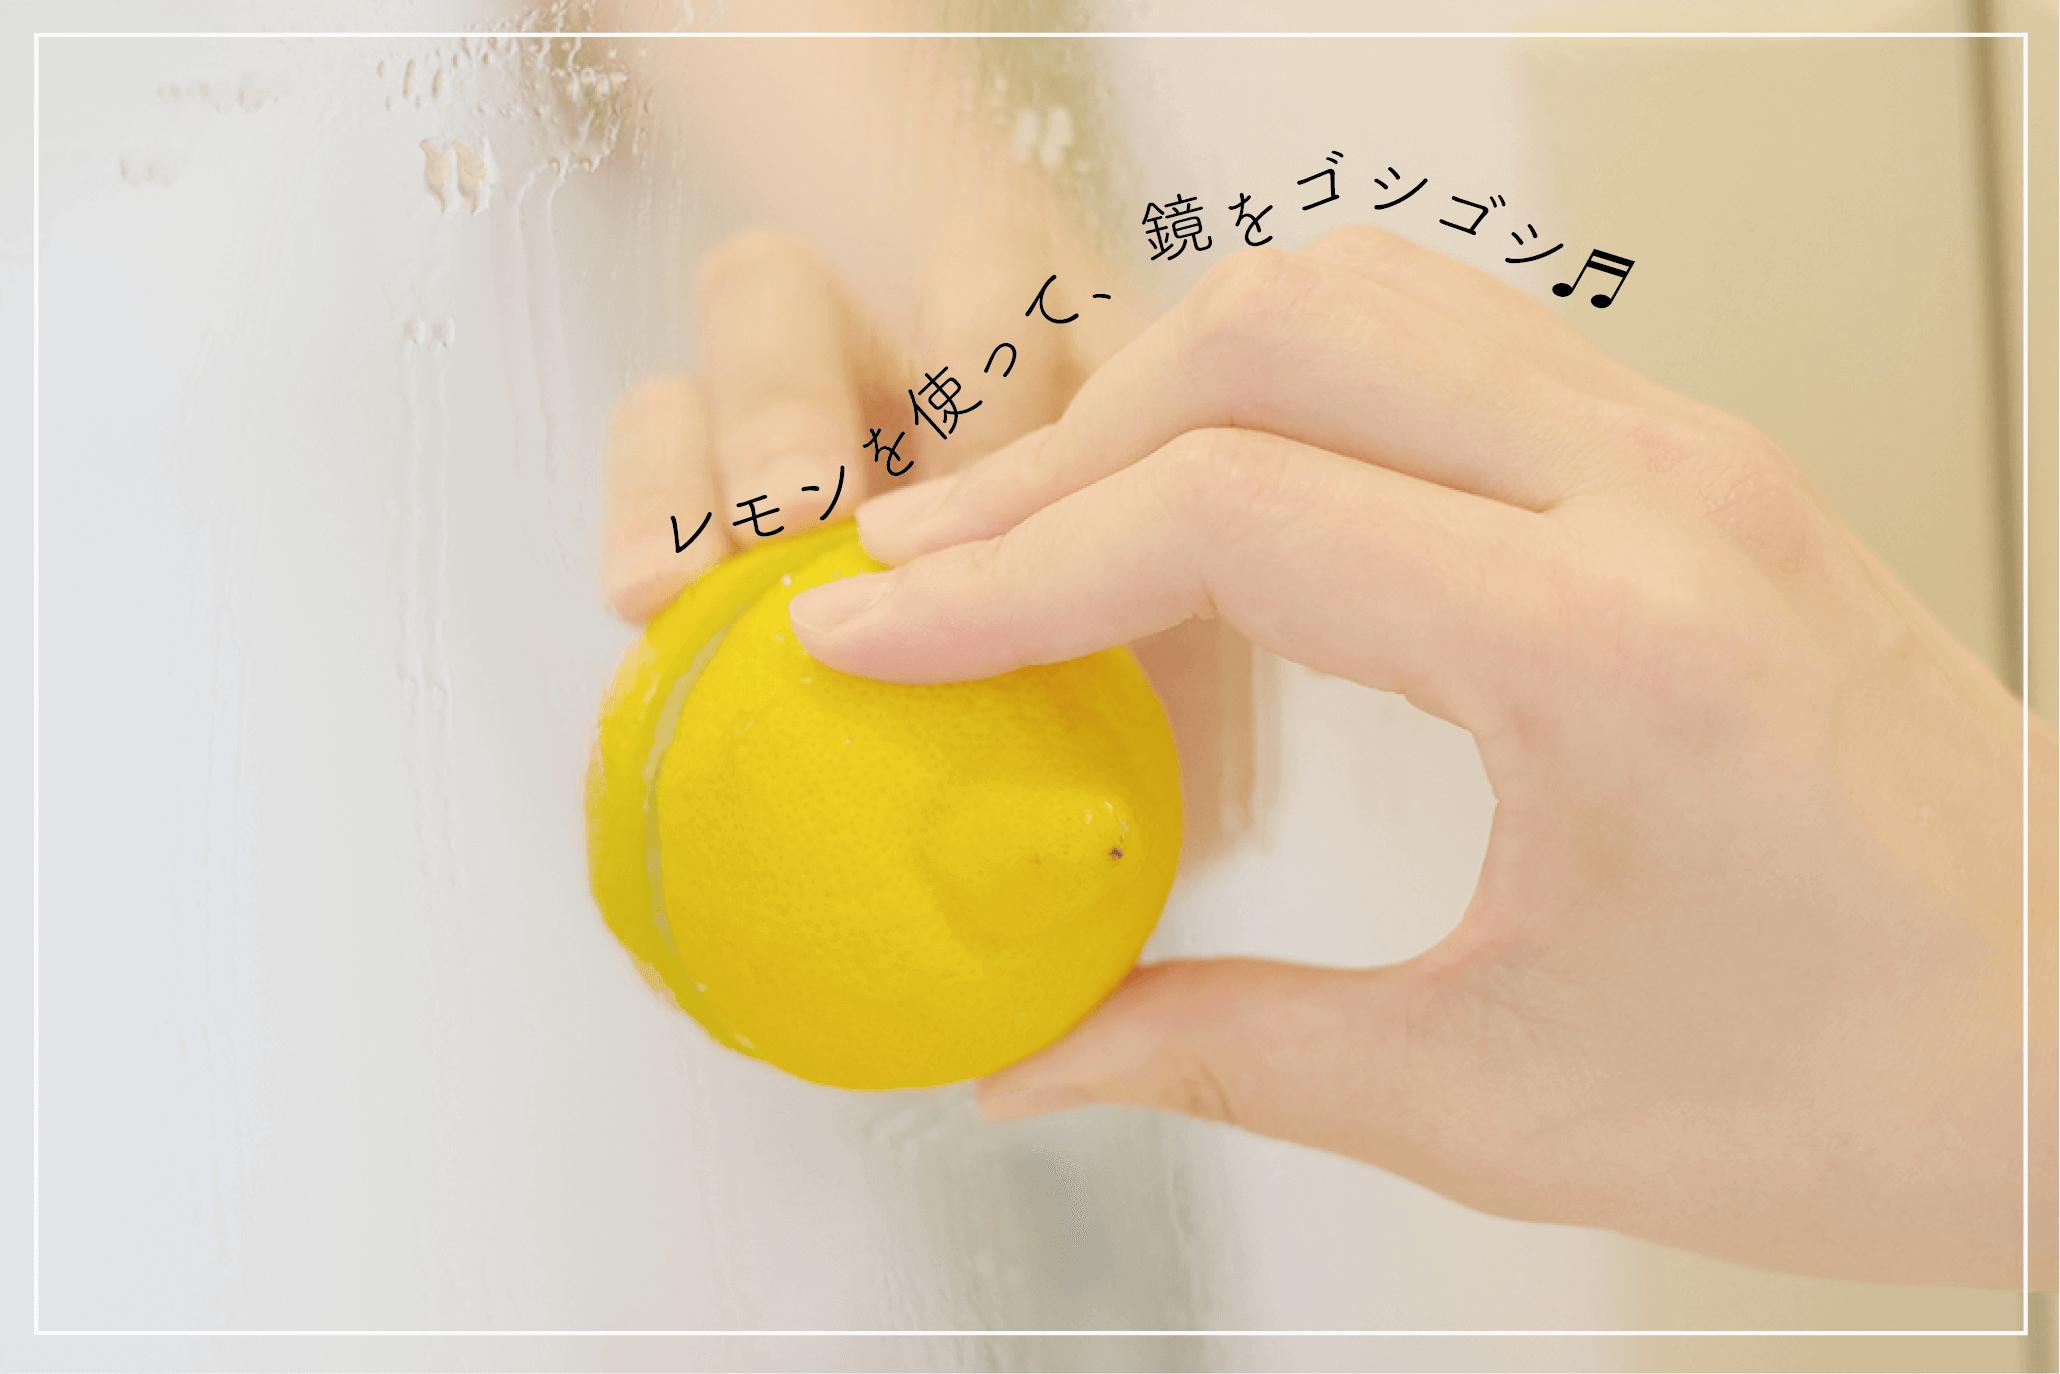 レモンで鏡をこする図